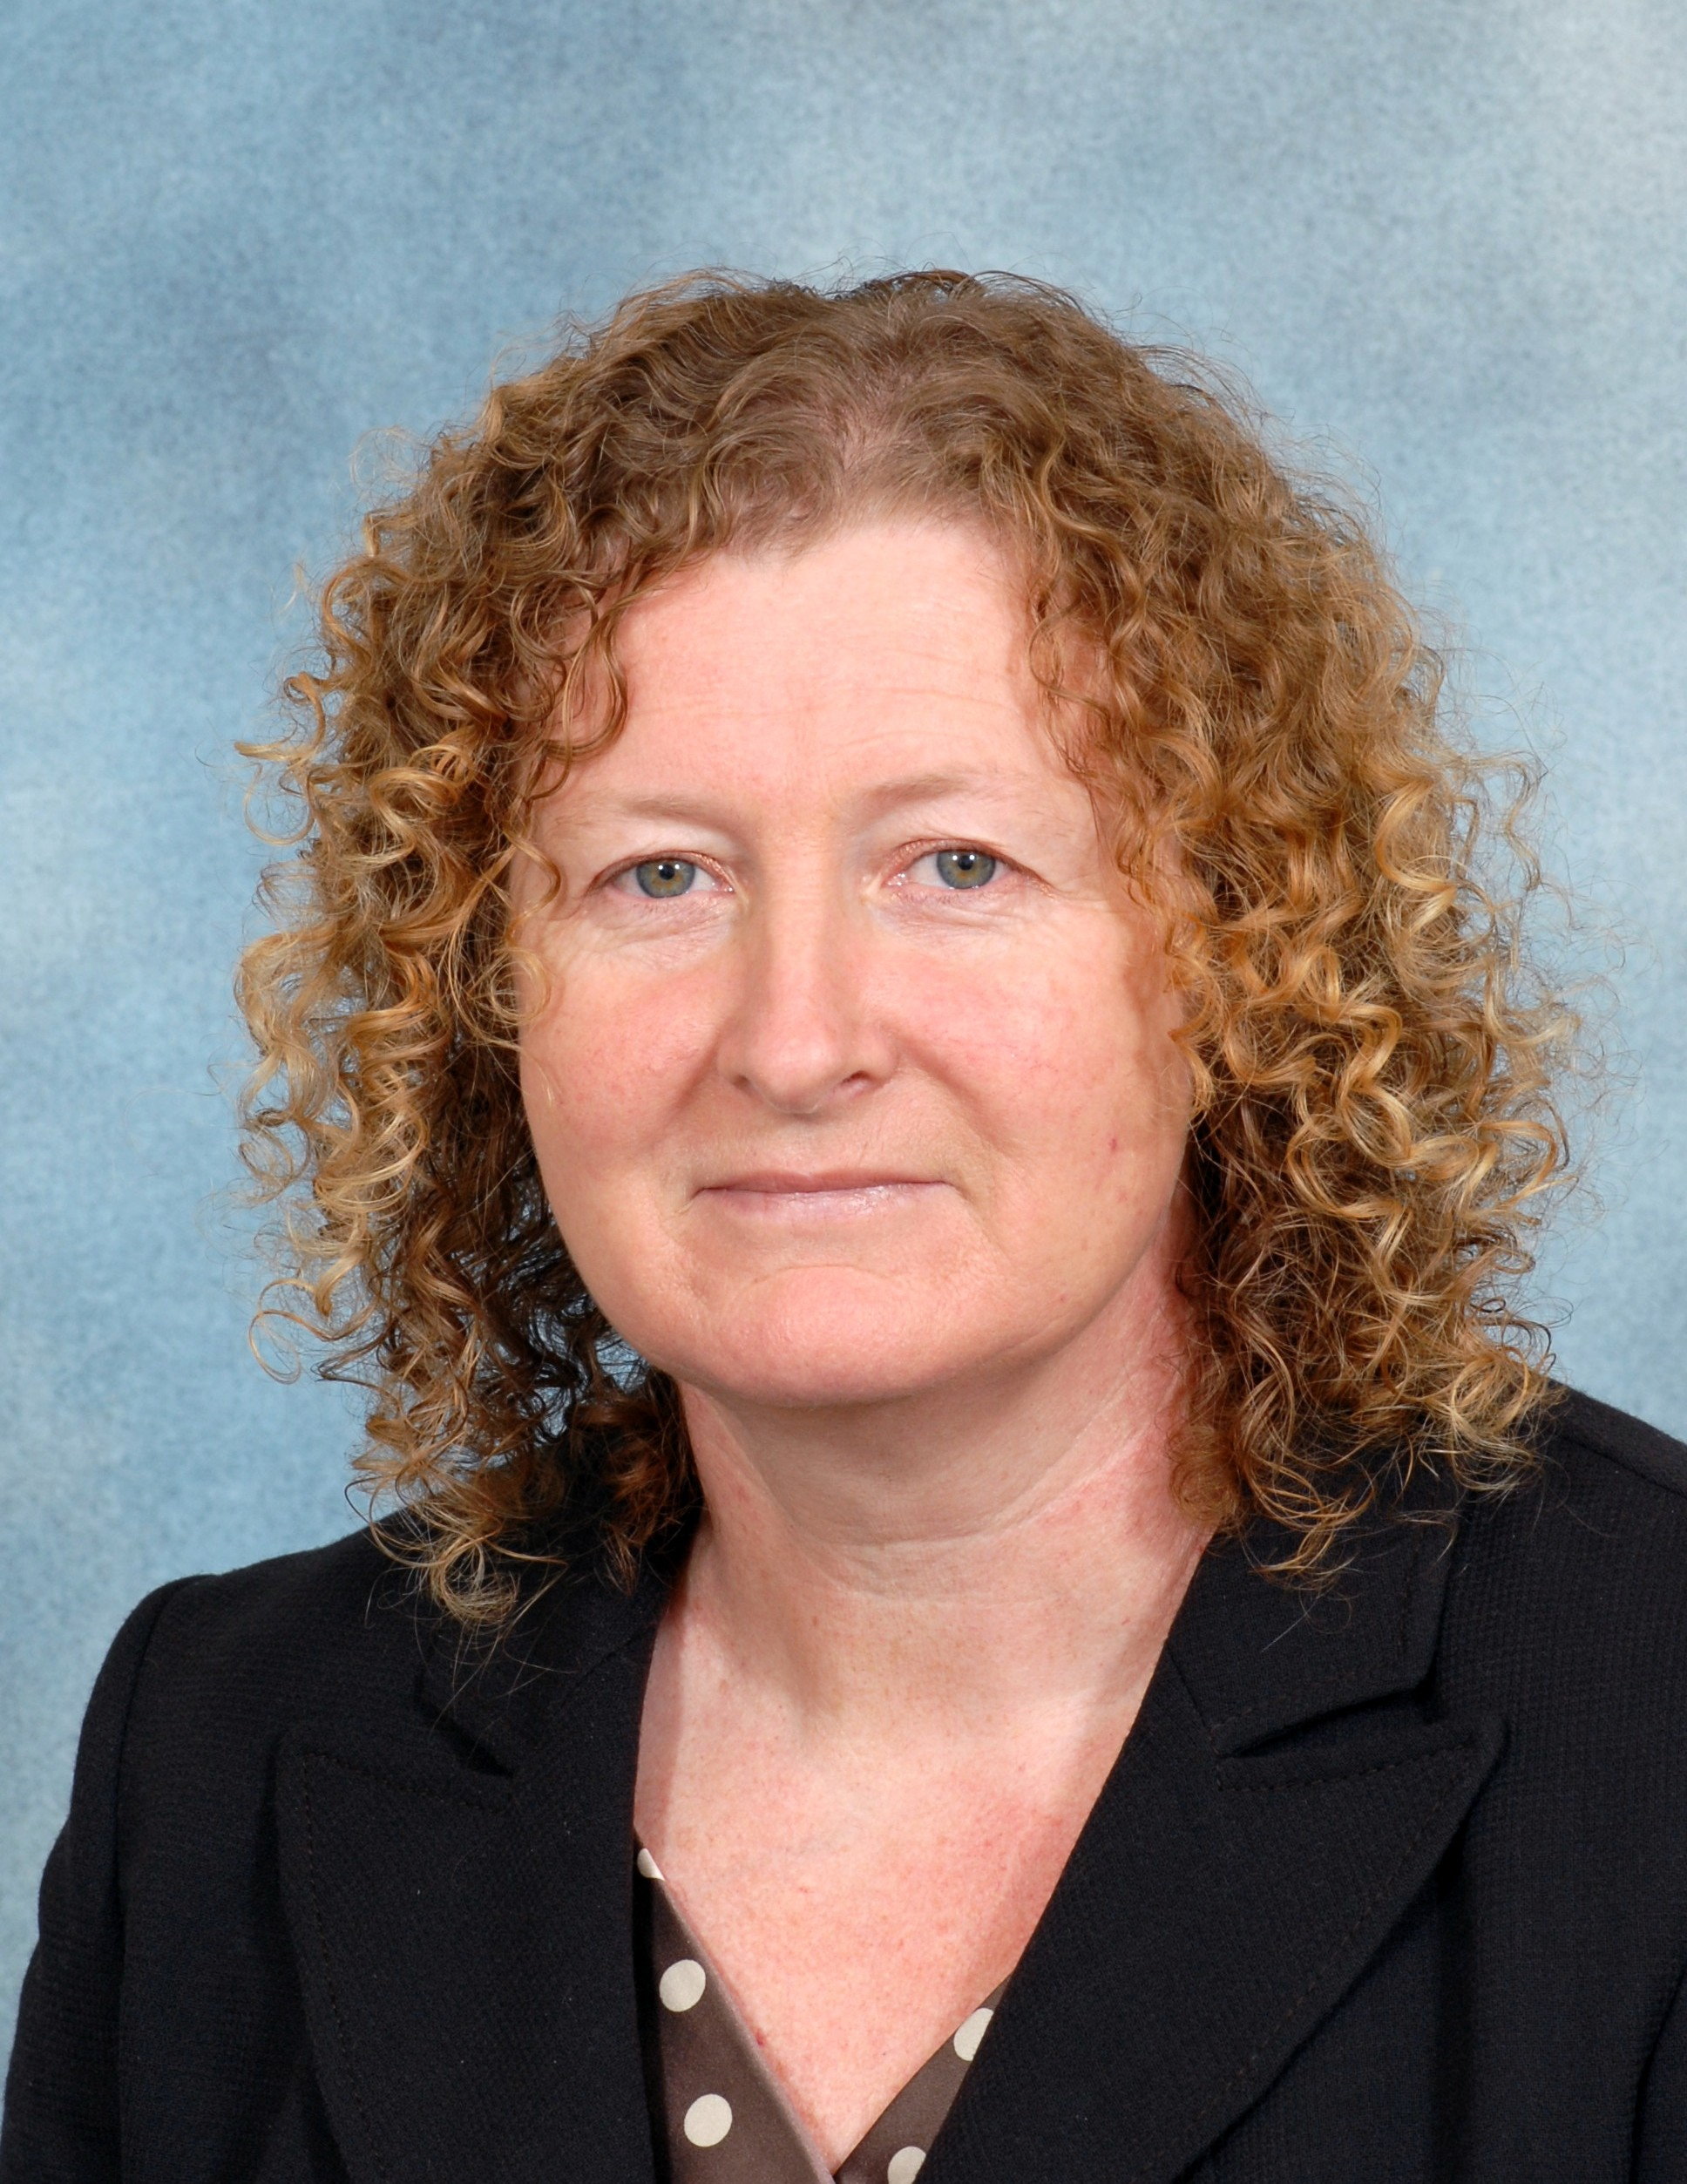 Prof Jane Worthington